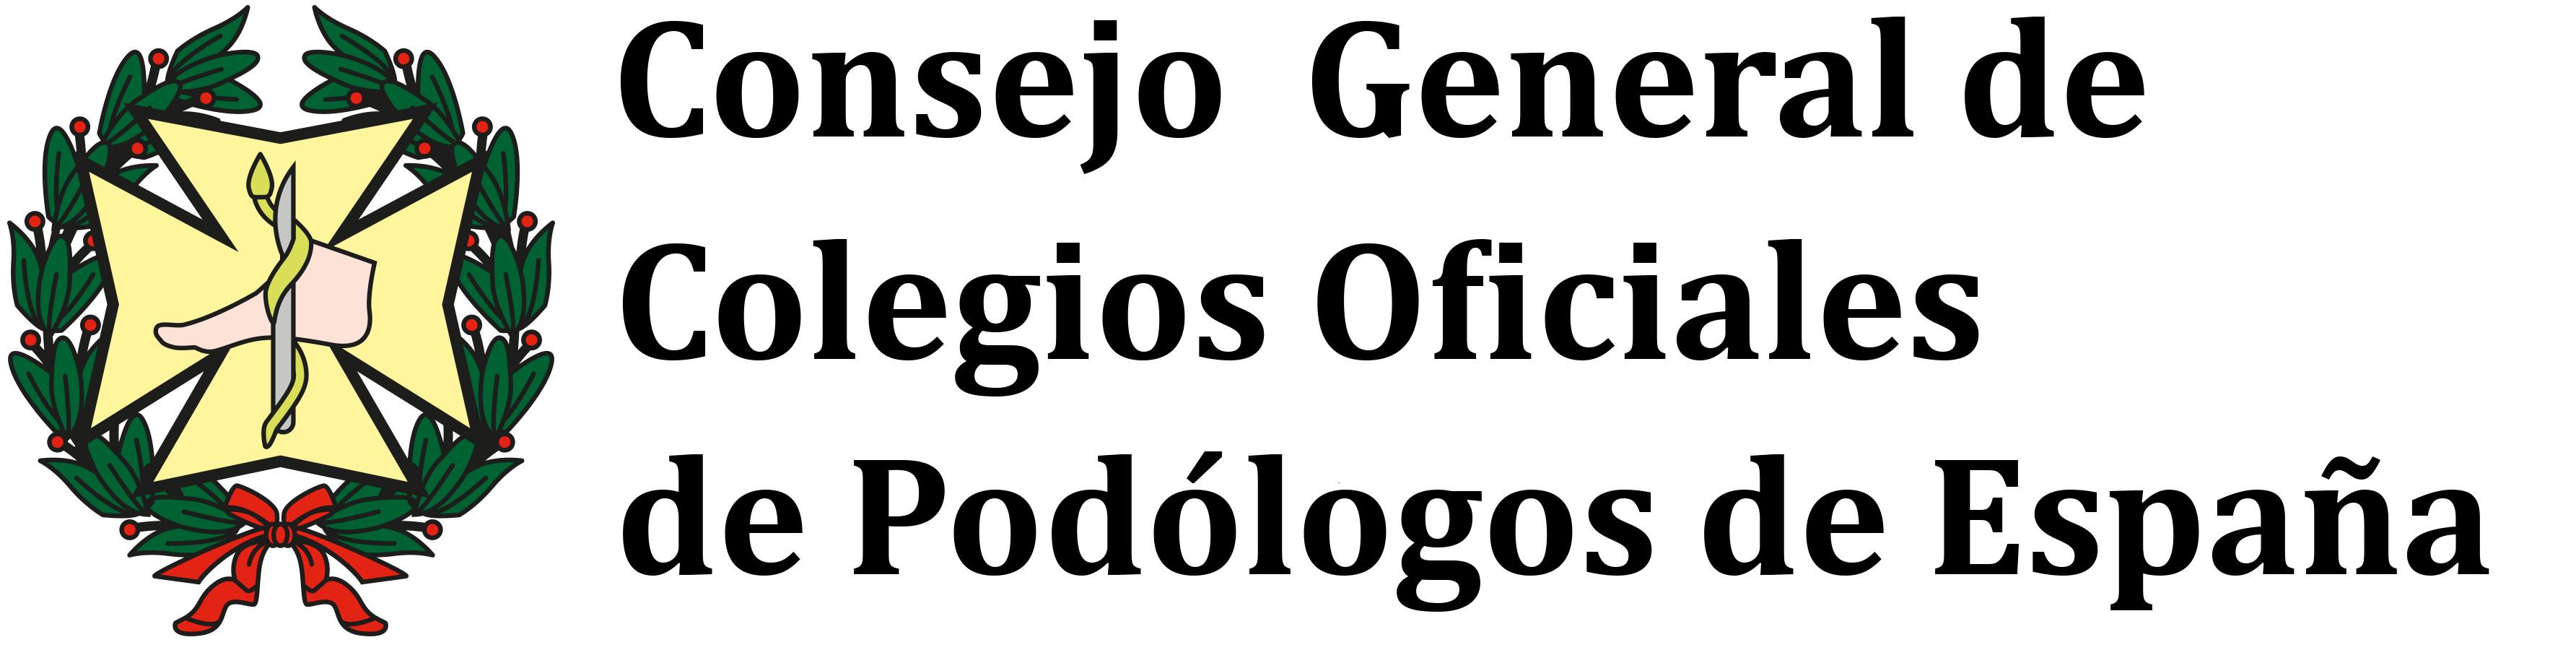 Colegio, Oficial, Podología